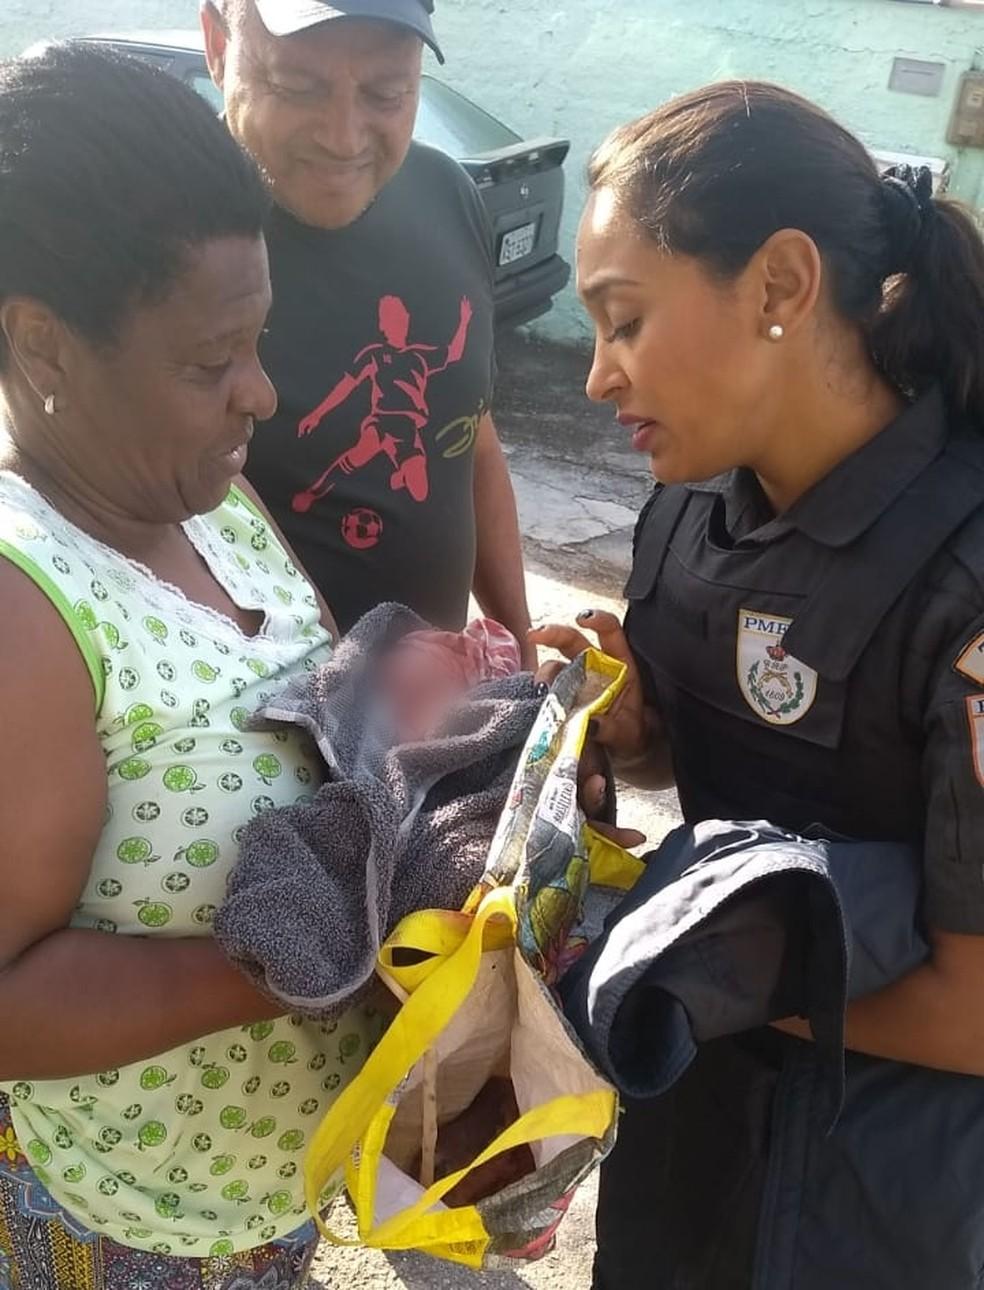 Policiais resgataram o bebê e receberam ajuda de moradores — Foto: Reprodução/TV Globo